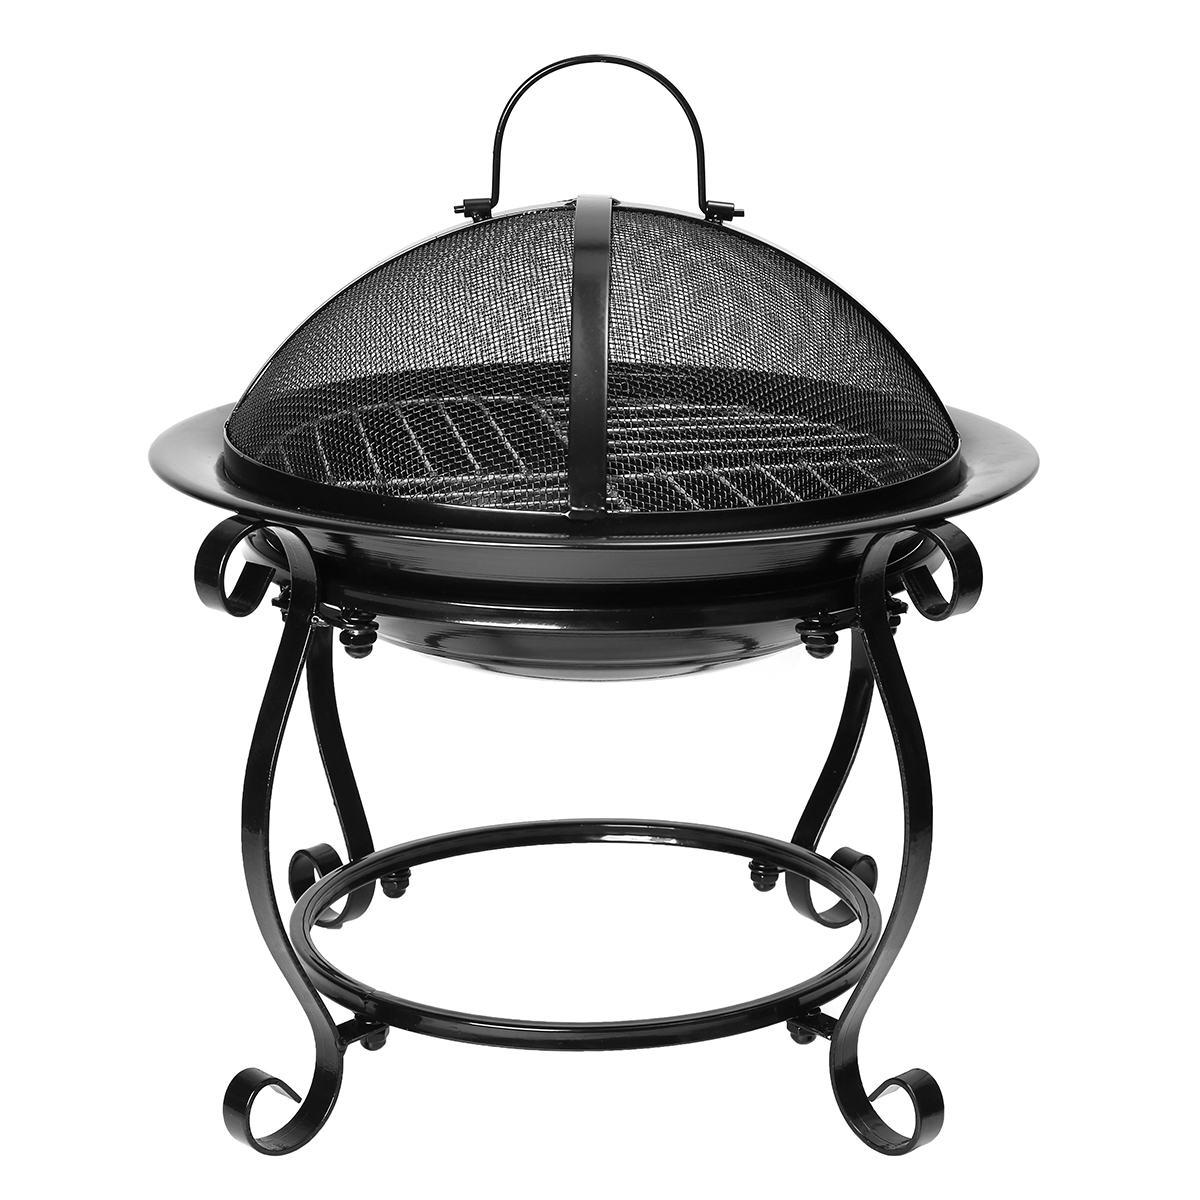 Extérieur Portable Barbecue Grill brûleur cuisinière Patio jardin cour fête poêle extérieur Camping pique-nique Barbecue Rack ustensiles de cuisine noir